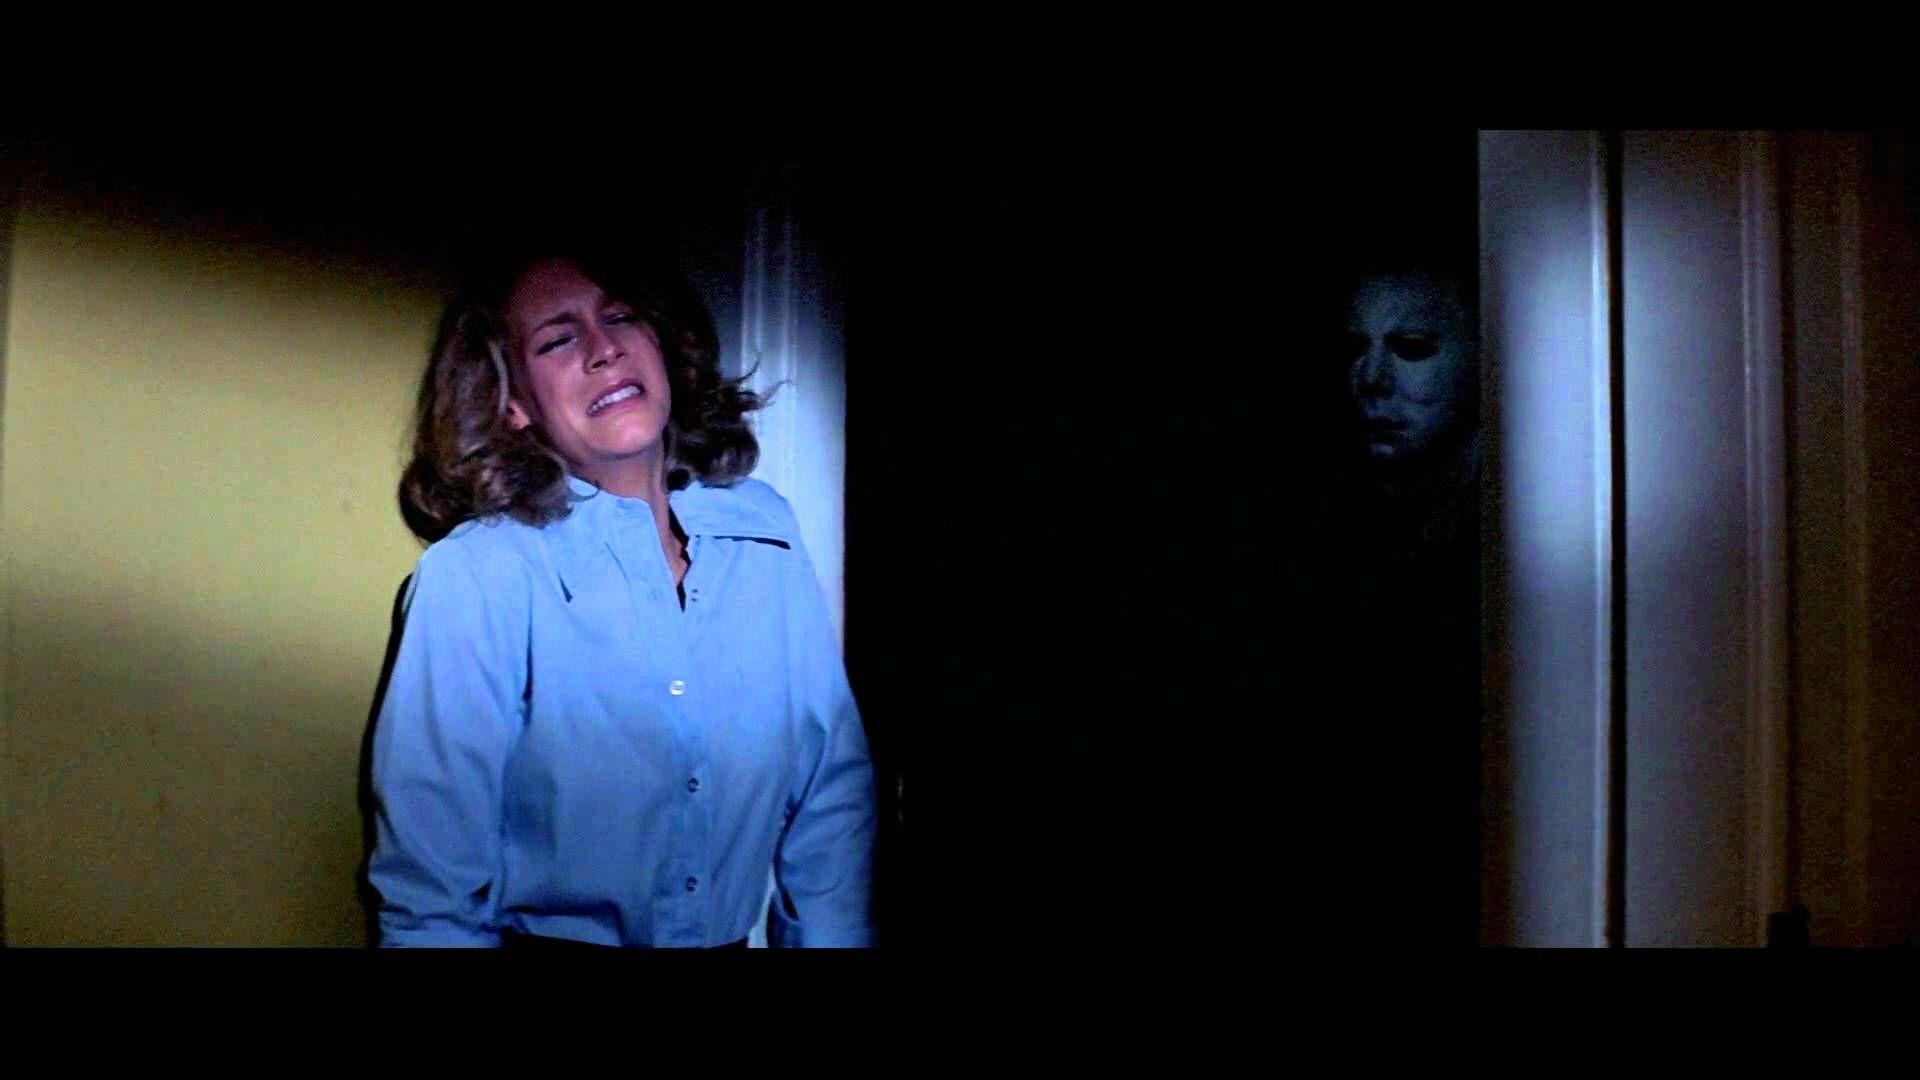 Jamie Lee Curtis as Laurie Strode in 'Halloween'